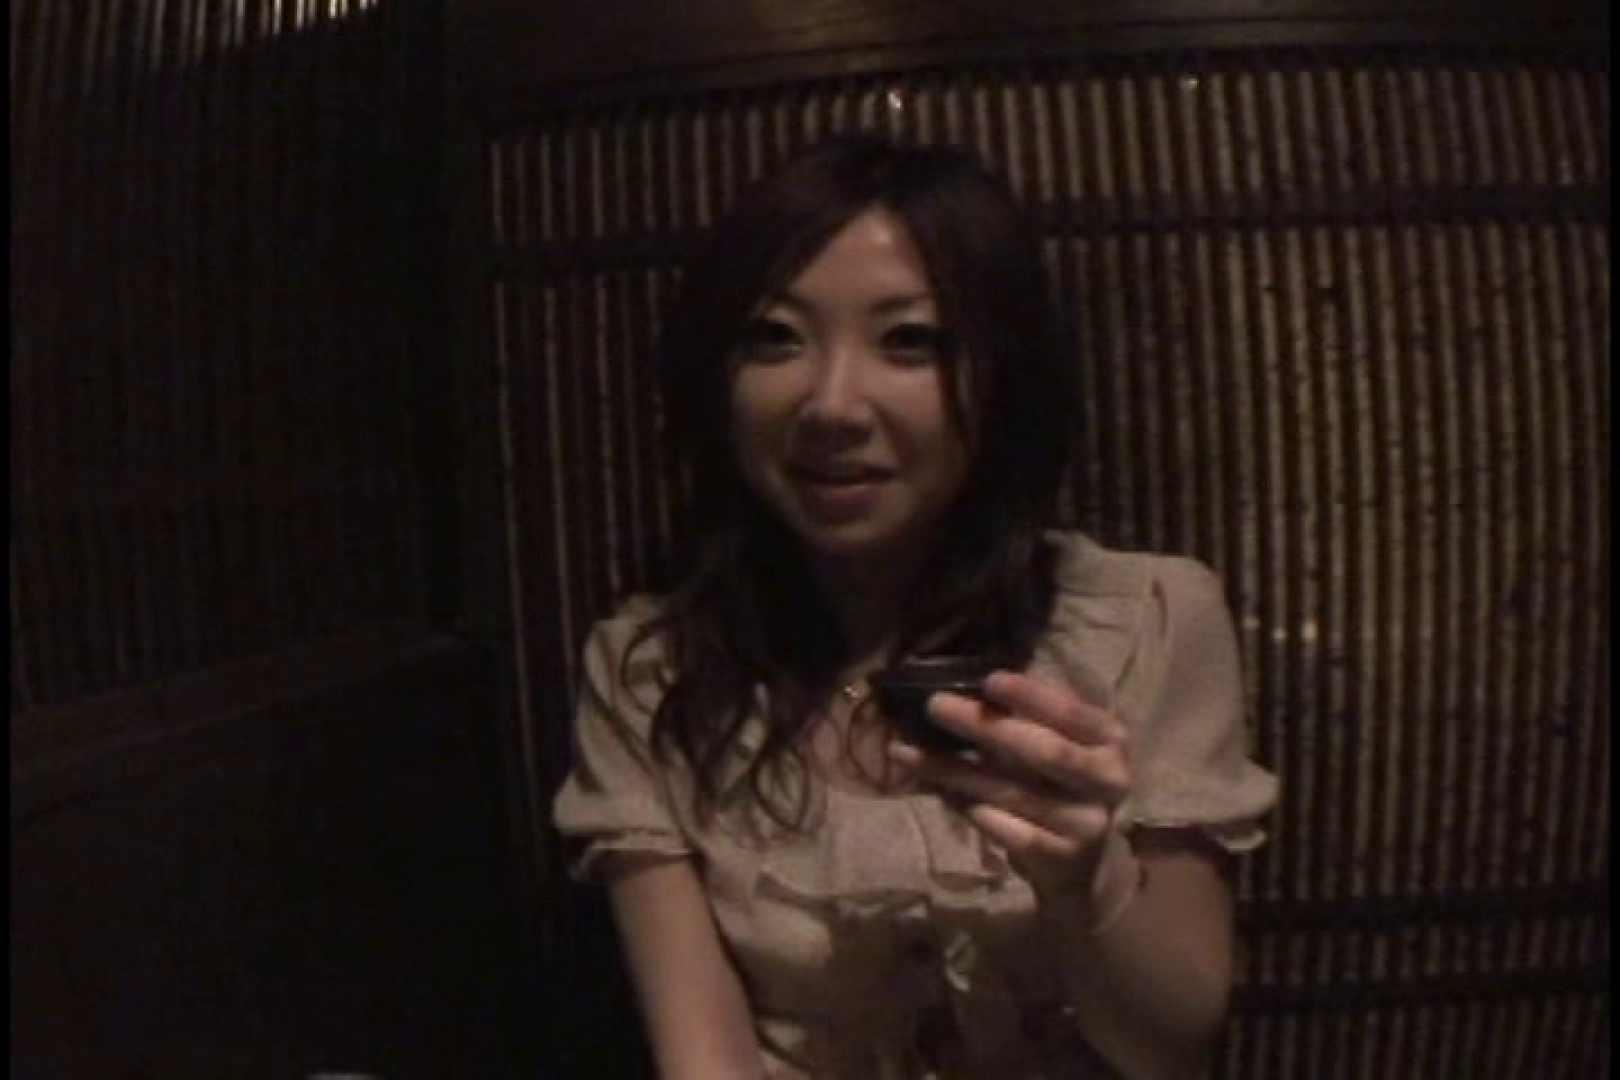 JDハンター全国ツアー vol.041 後編 OLのプライベート   エロカワ女子大生  13pic 1